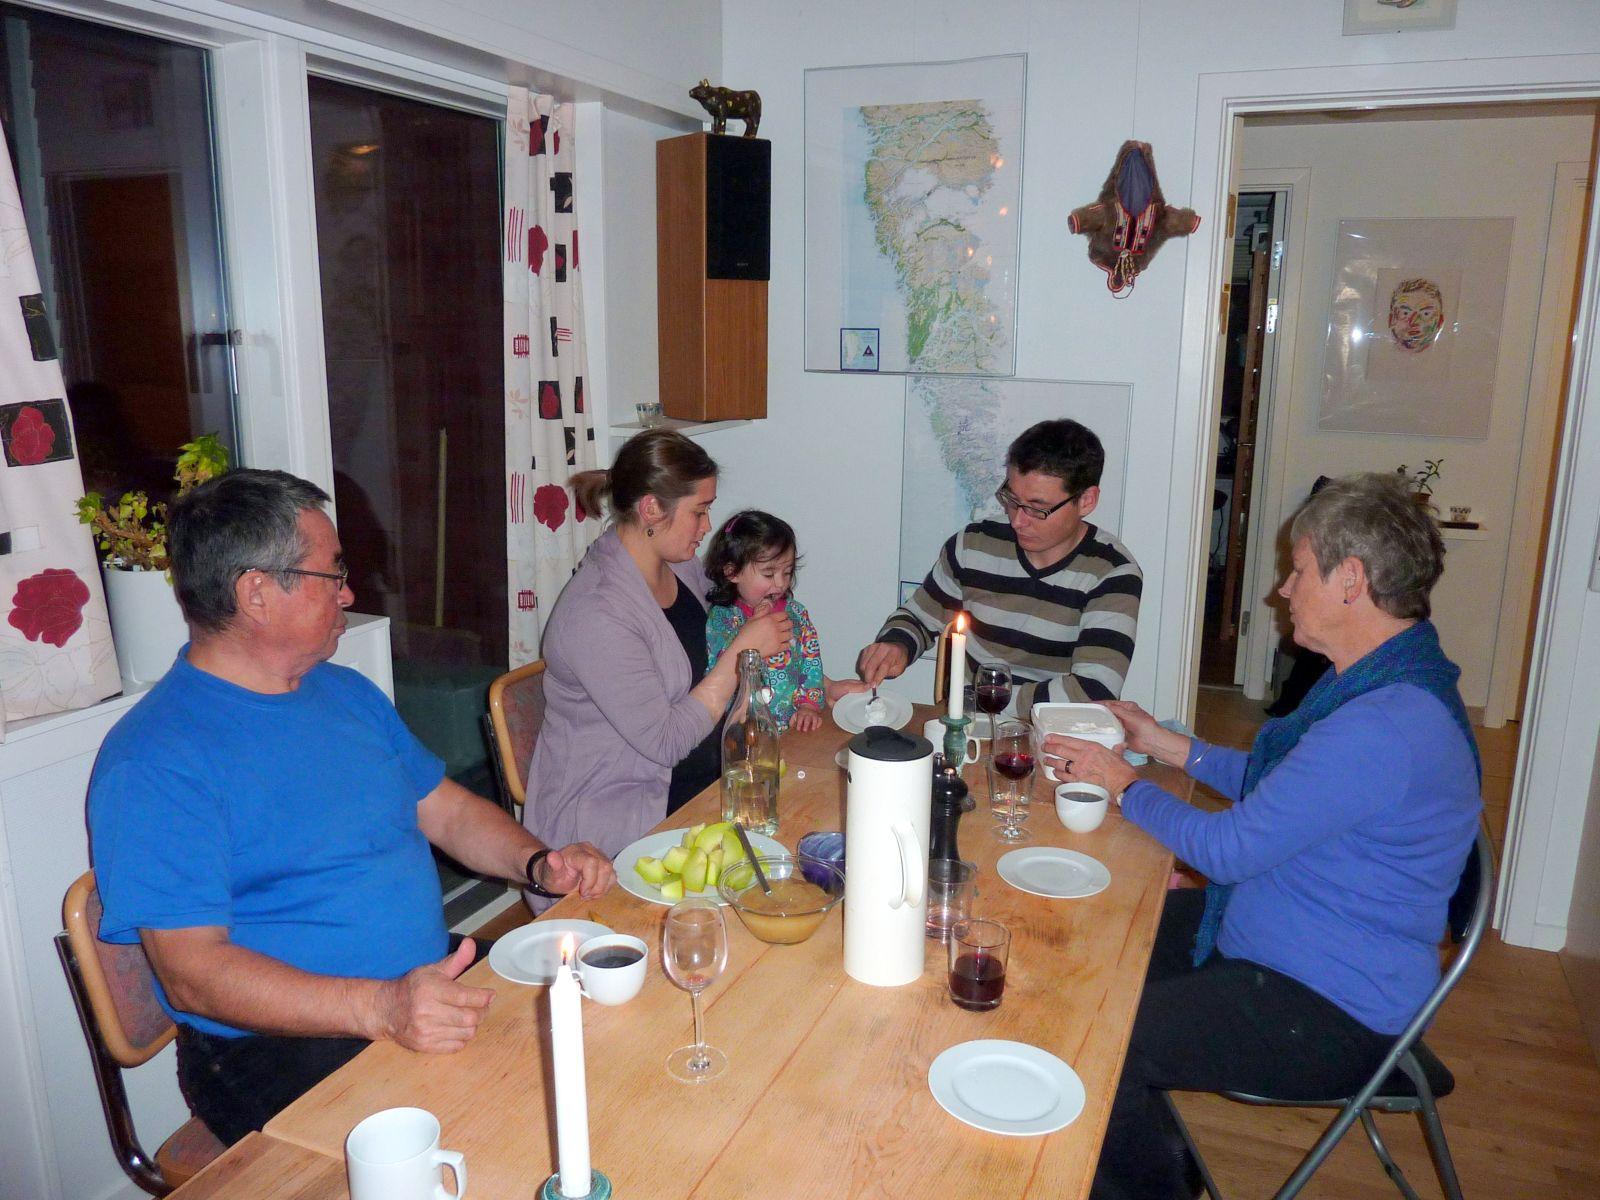 2010-10-18-1921_-_Jesper Eugenius Labansen; Jørgen Labansen; Maritha Eugenius Labansen; Qupanuk Eugenius Labansen; Ru